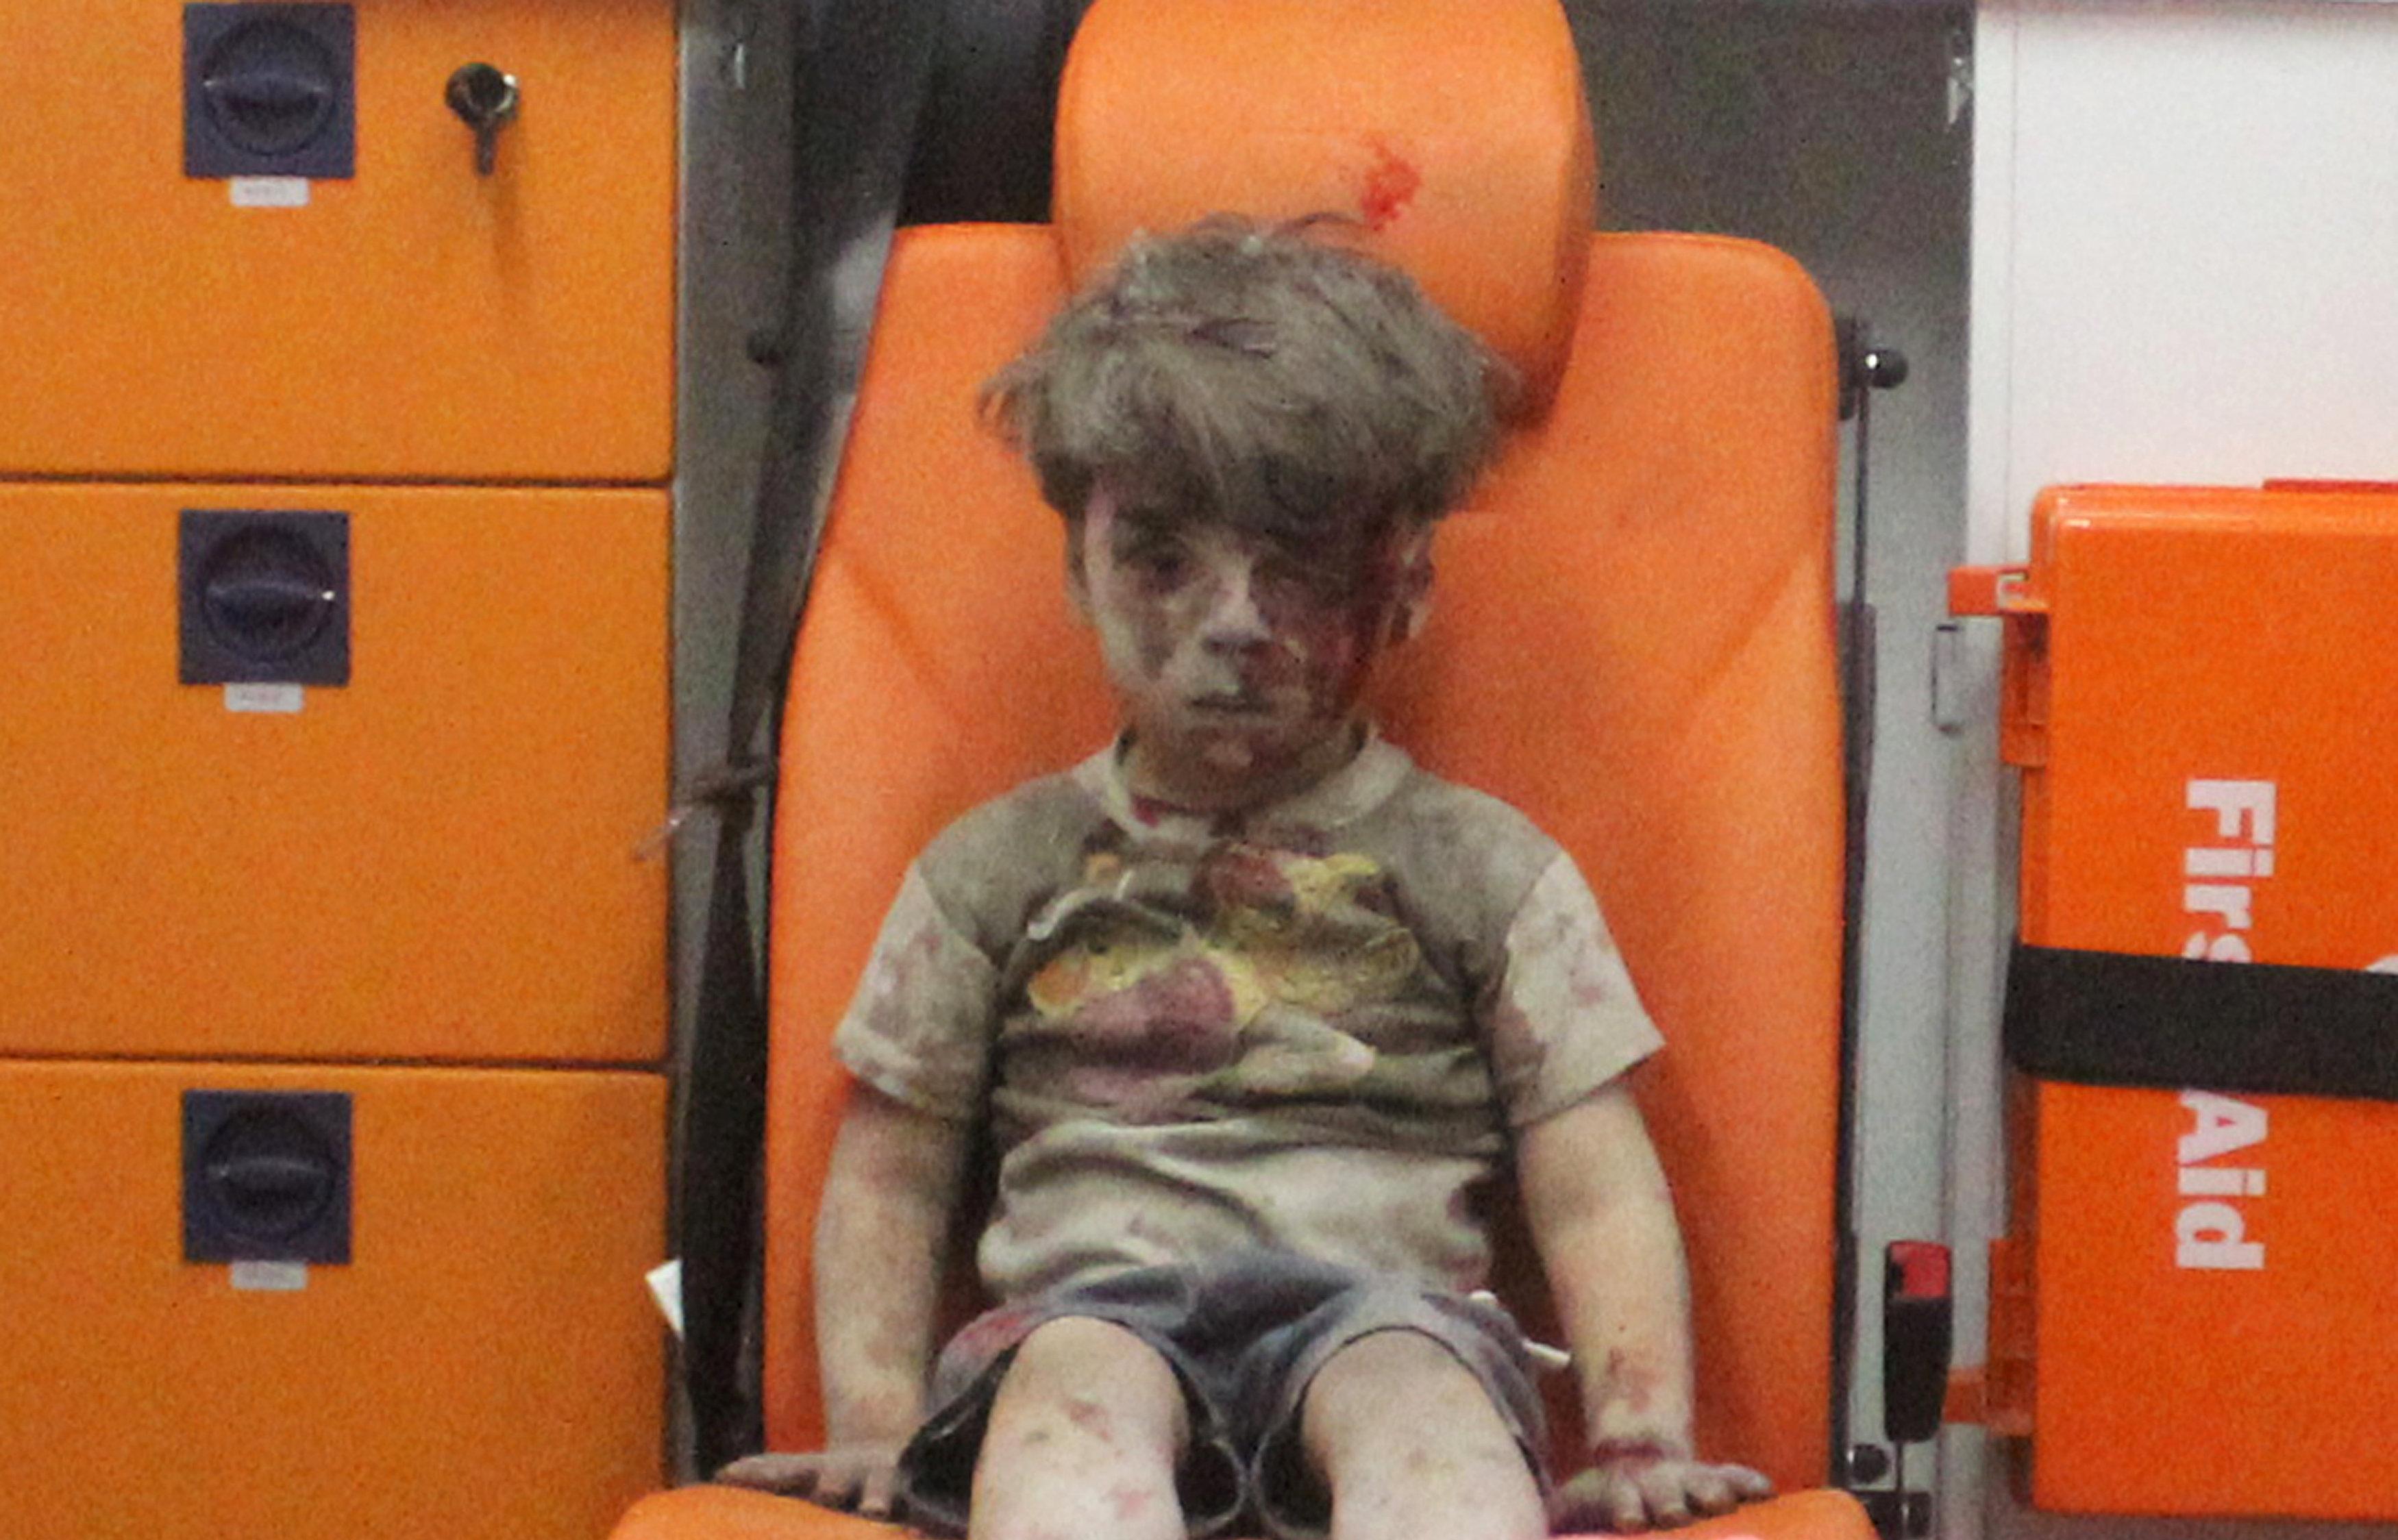 Omran Daqneesh, de cinco años de edad que con su rostro ensangrentado se convirtió en la imagen de la guerra a mano de los medios estadounidenses, se encuentra dentro de una ambulancia después de que fuera rescatado tras un ataque en la zona controlada por los insurgentes, 17 de agosto de 2016